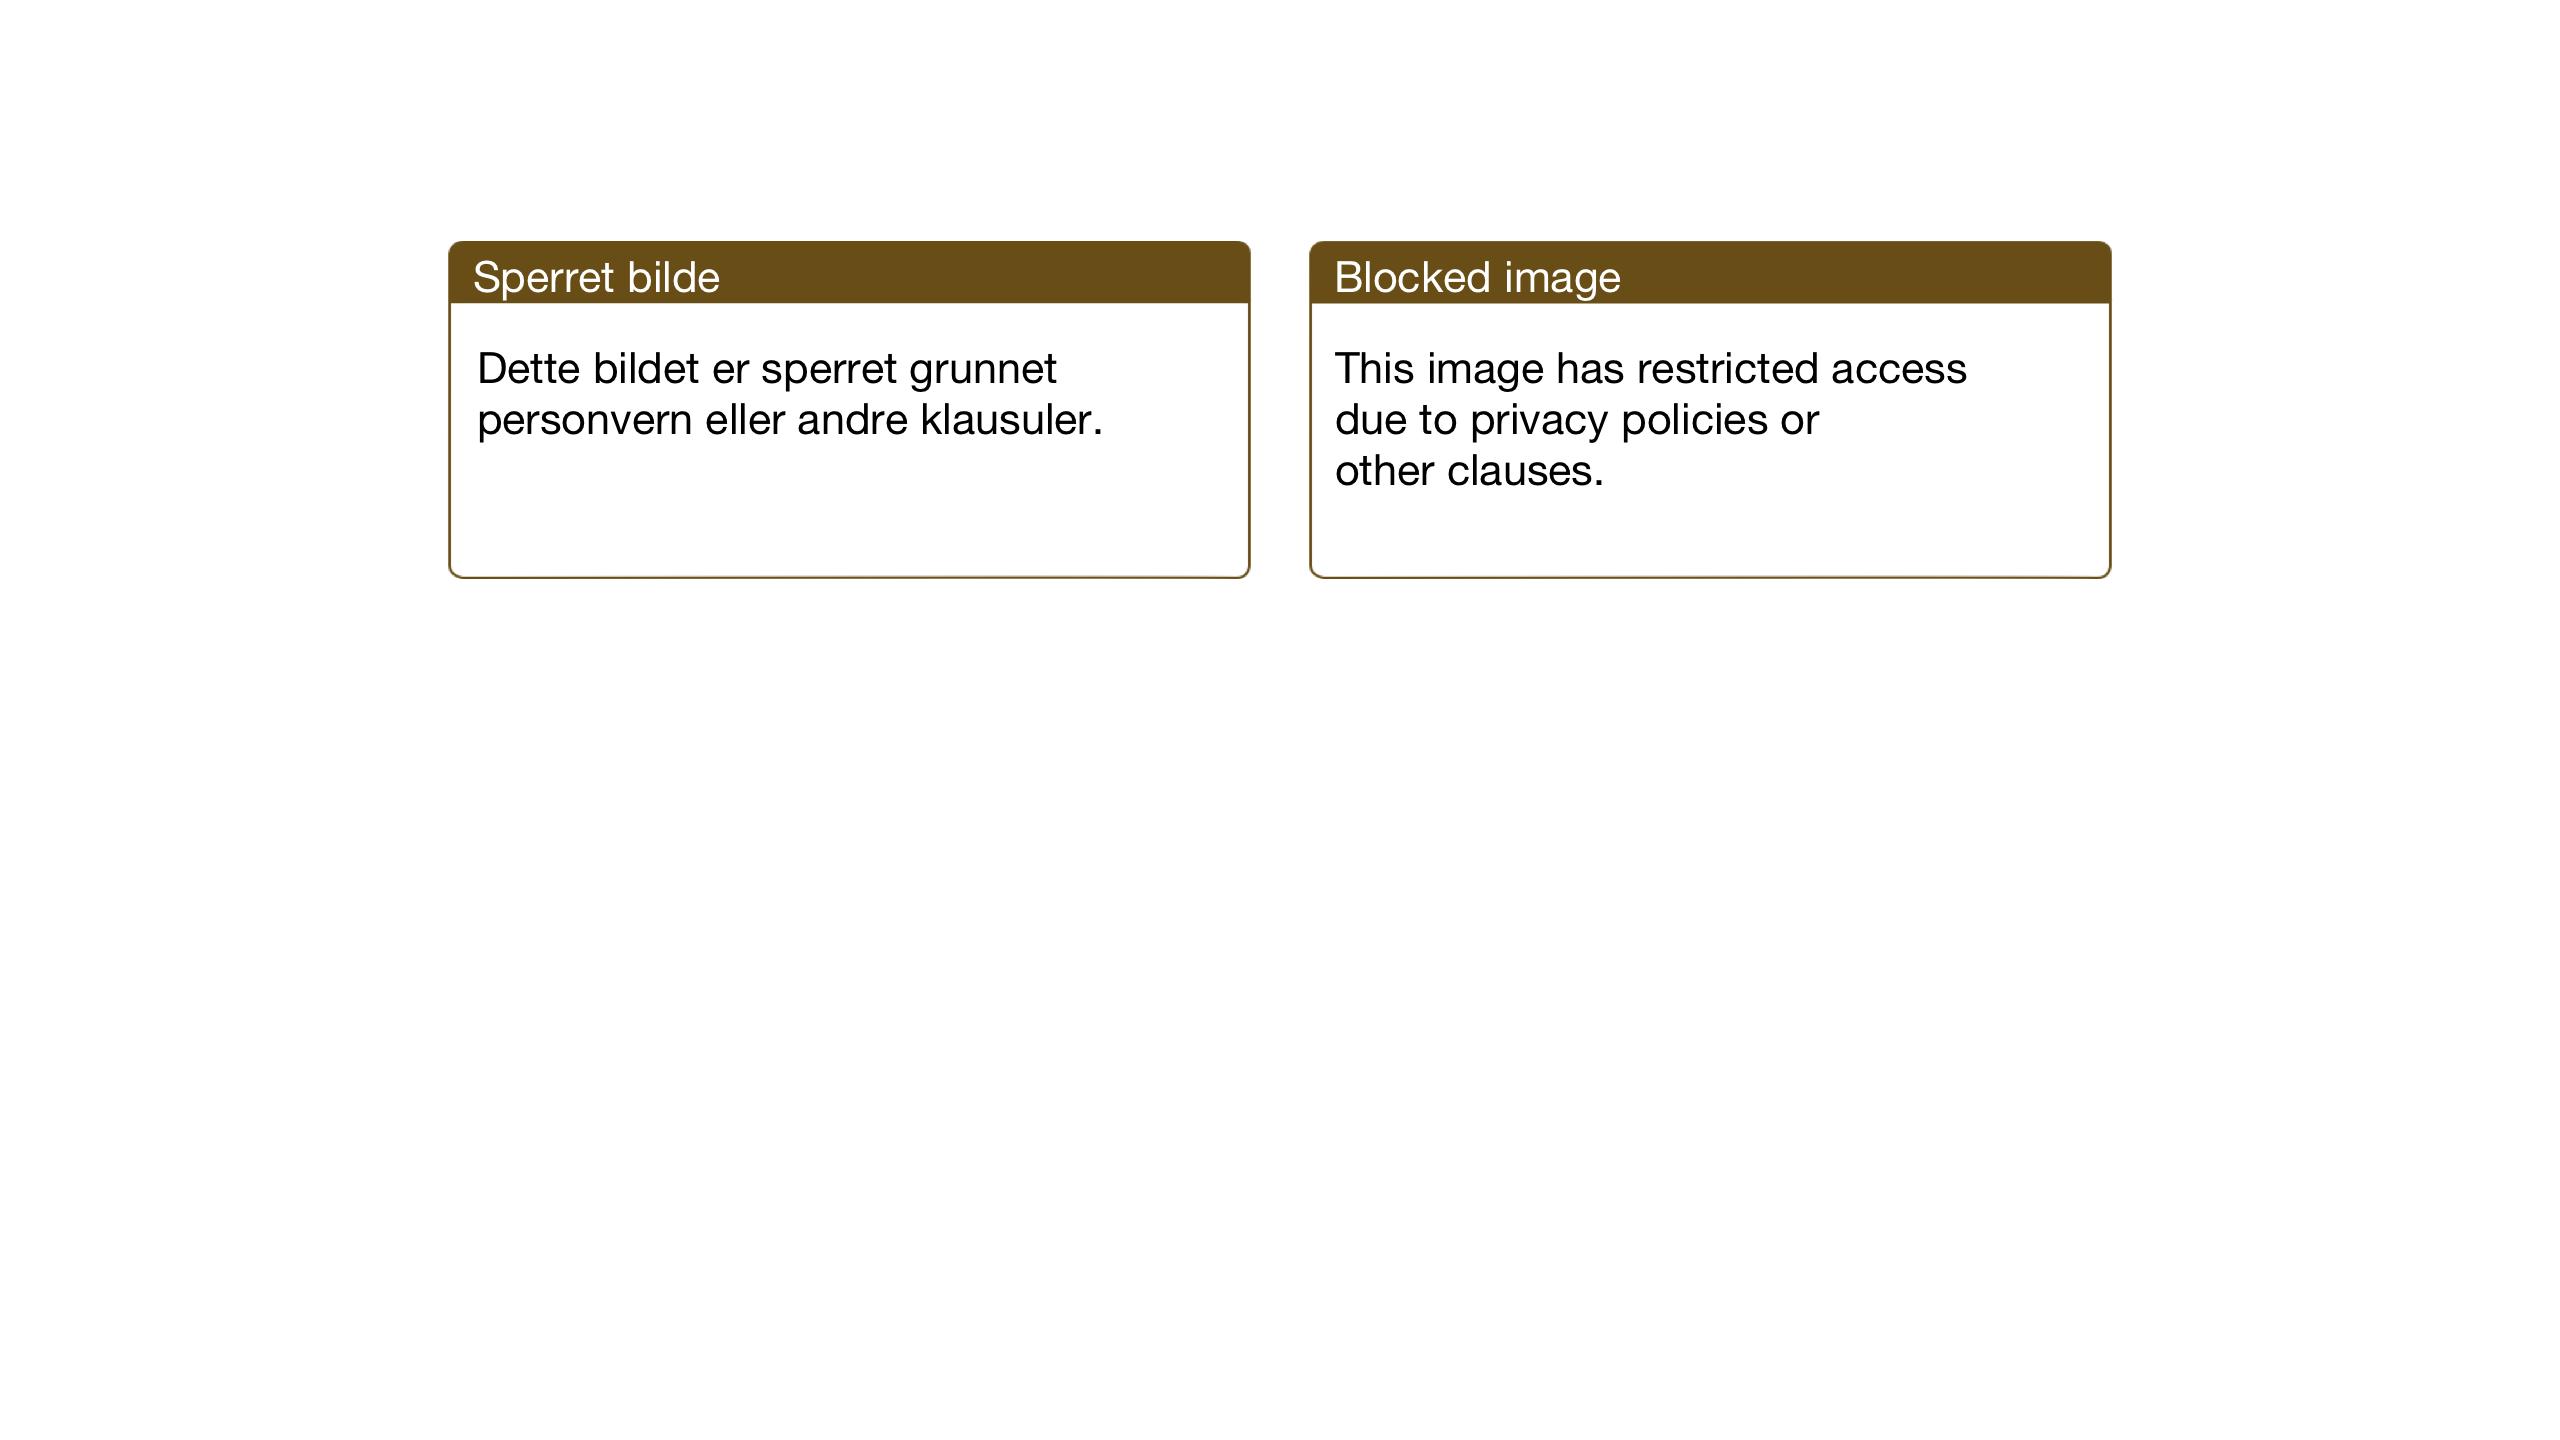 SAT, Ministerialprotokoller, klokkerbøker og fødselsregistre - Sør-Trøndelag, 616/L0424: Klokkerbok nr. 616C07, 1904-1940, s. 54